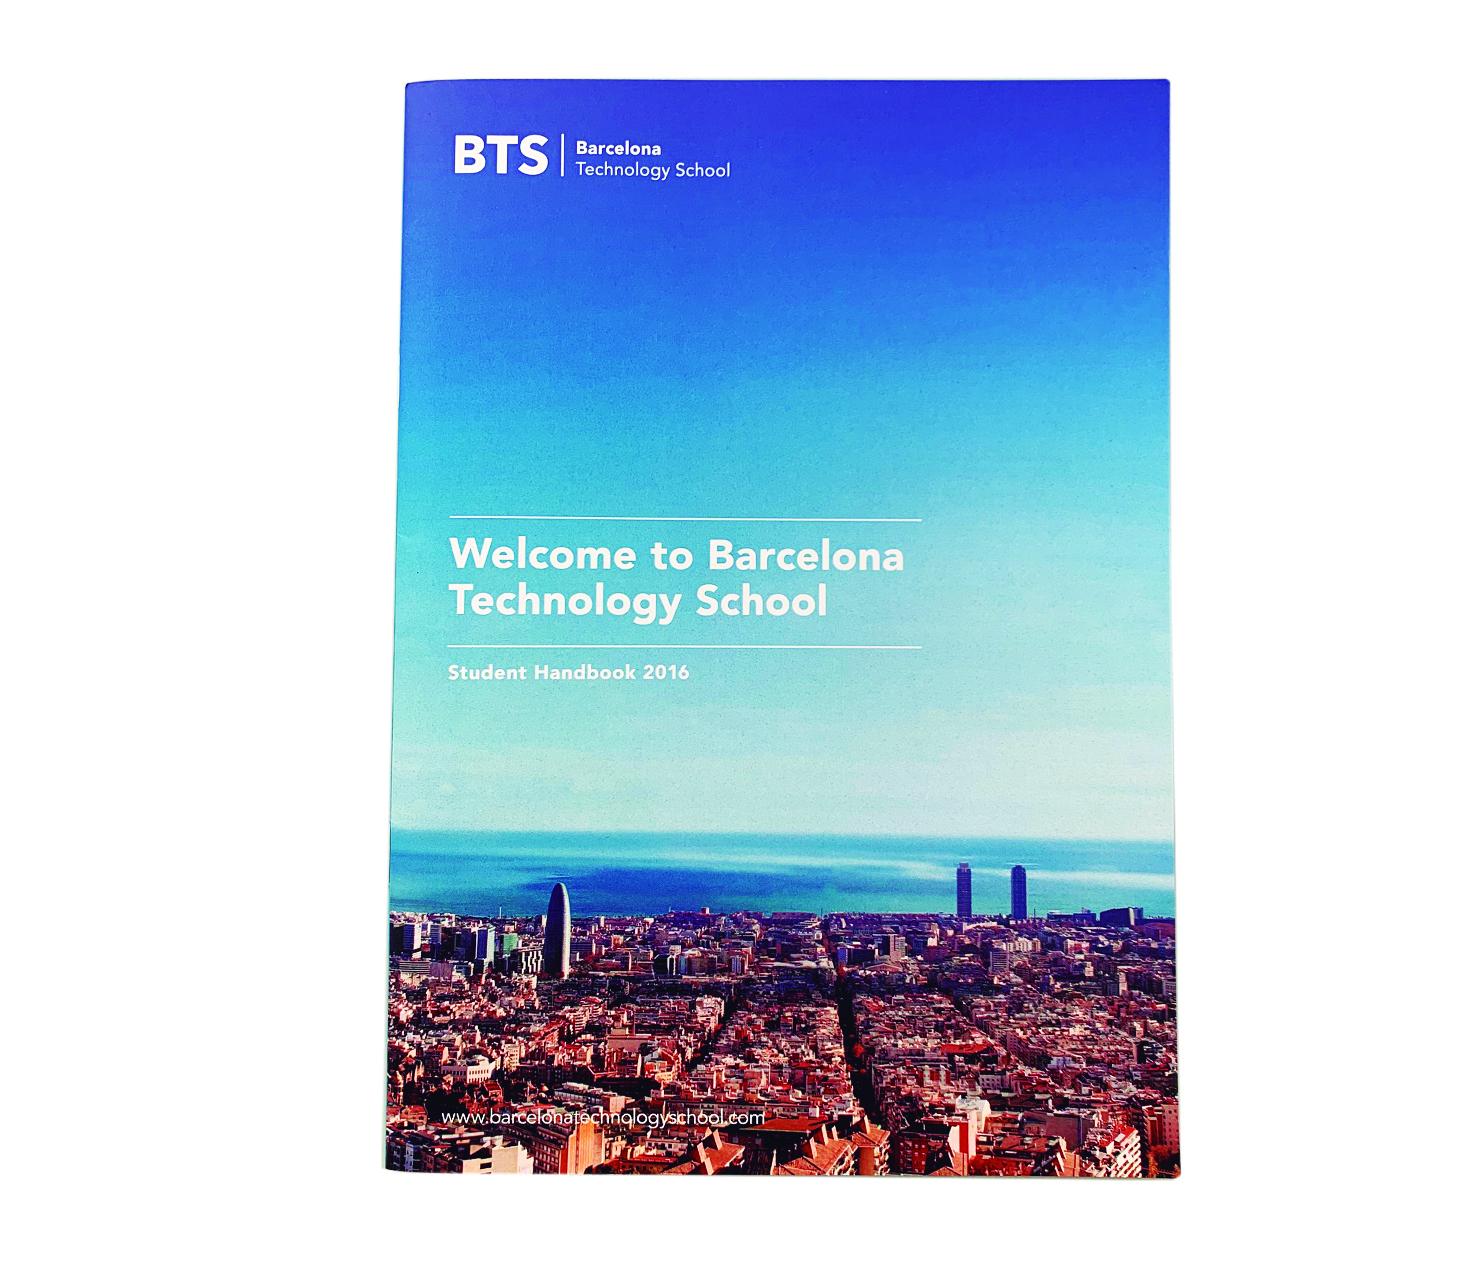 folleto comercial - productos comerciales_2